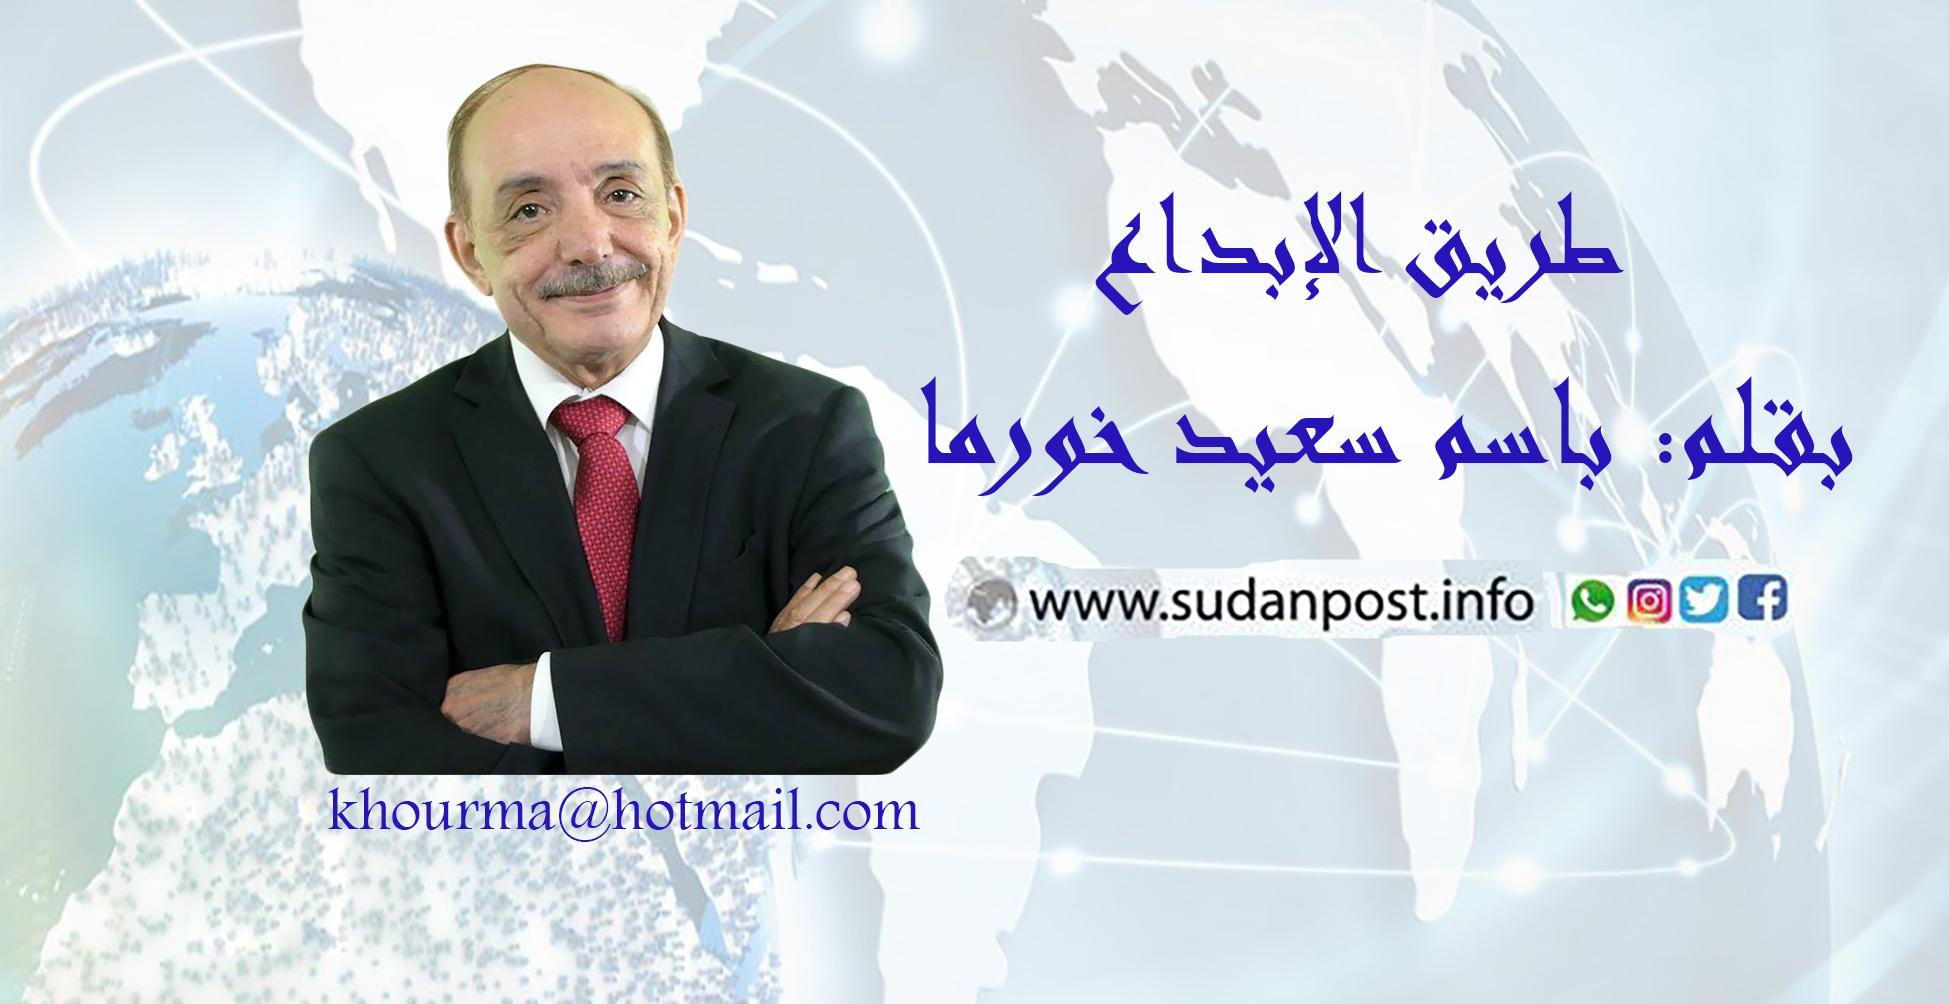 طريق الإبداع … بقلم: باسم خورما .. الإبداع بين ناري الأهل والمدرسة